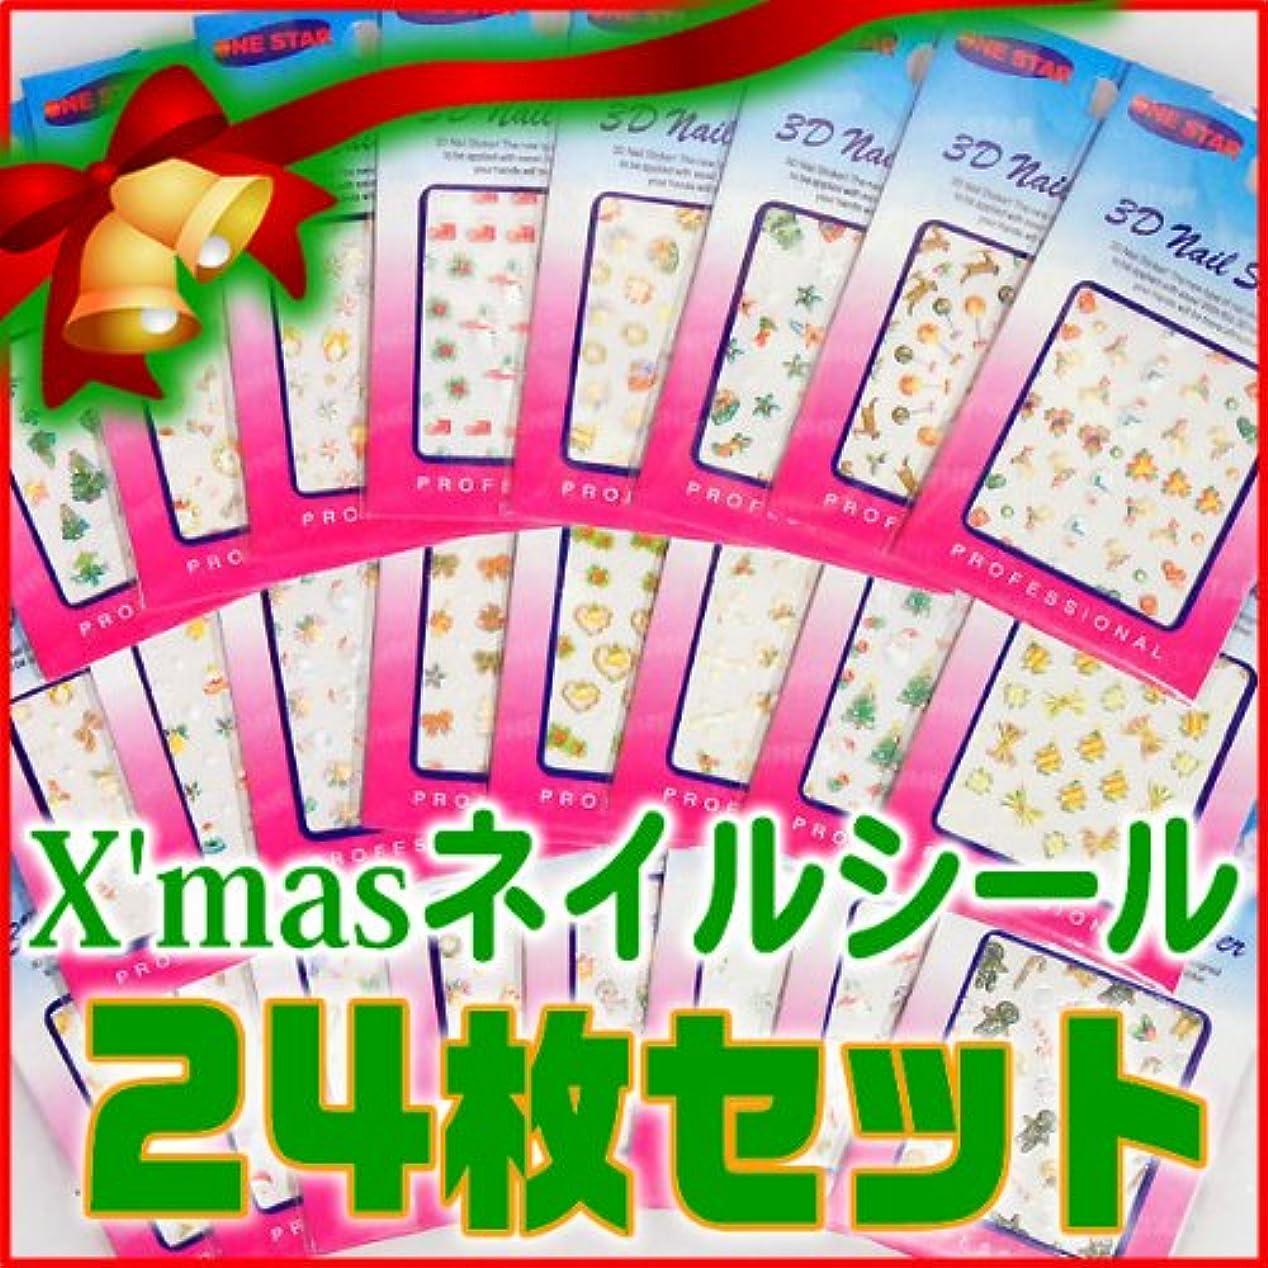 丁寧計画的計画ネイルシール 福袋 クリスマスネイルシール24枚セット